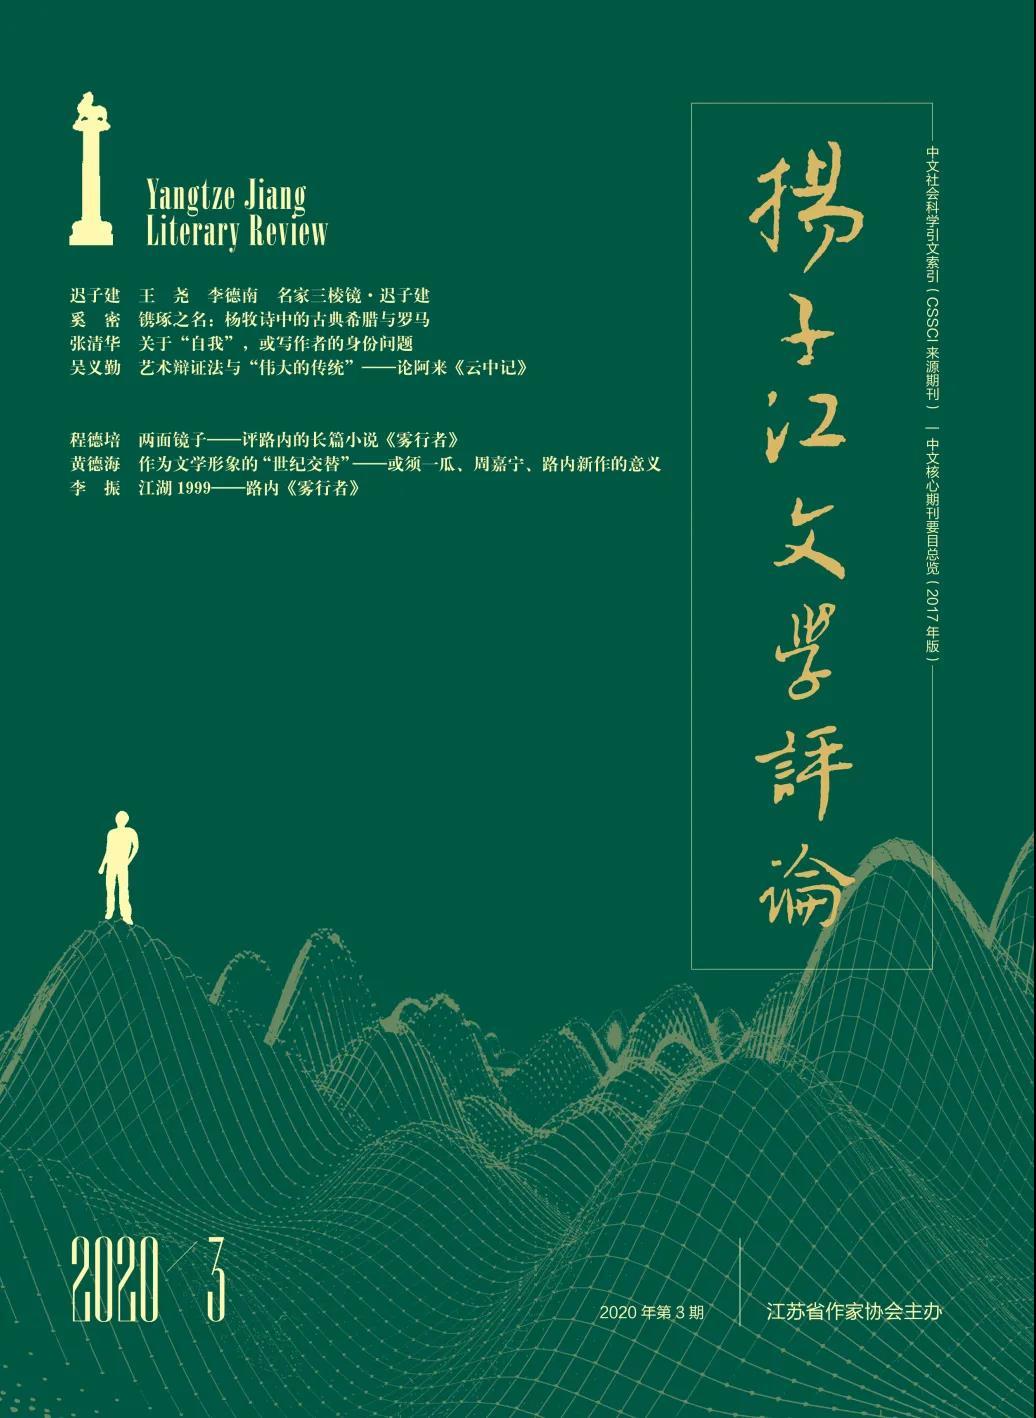 《扬子江文学评论》2020年第3期